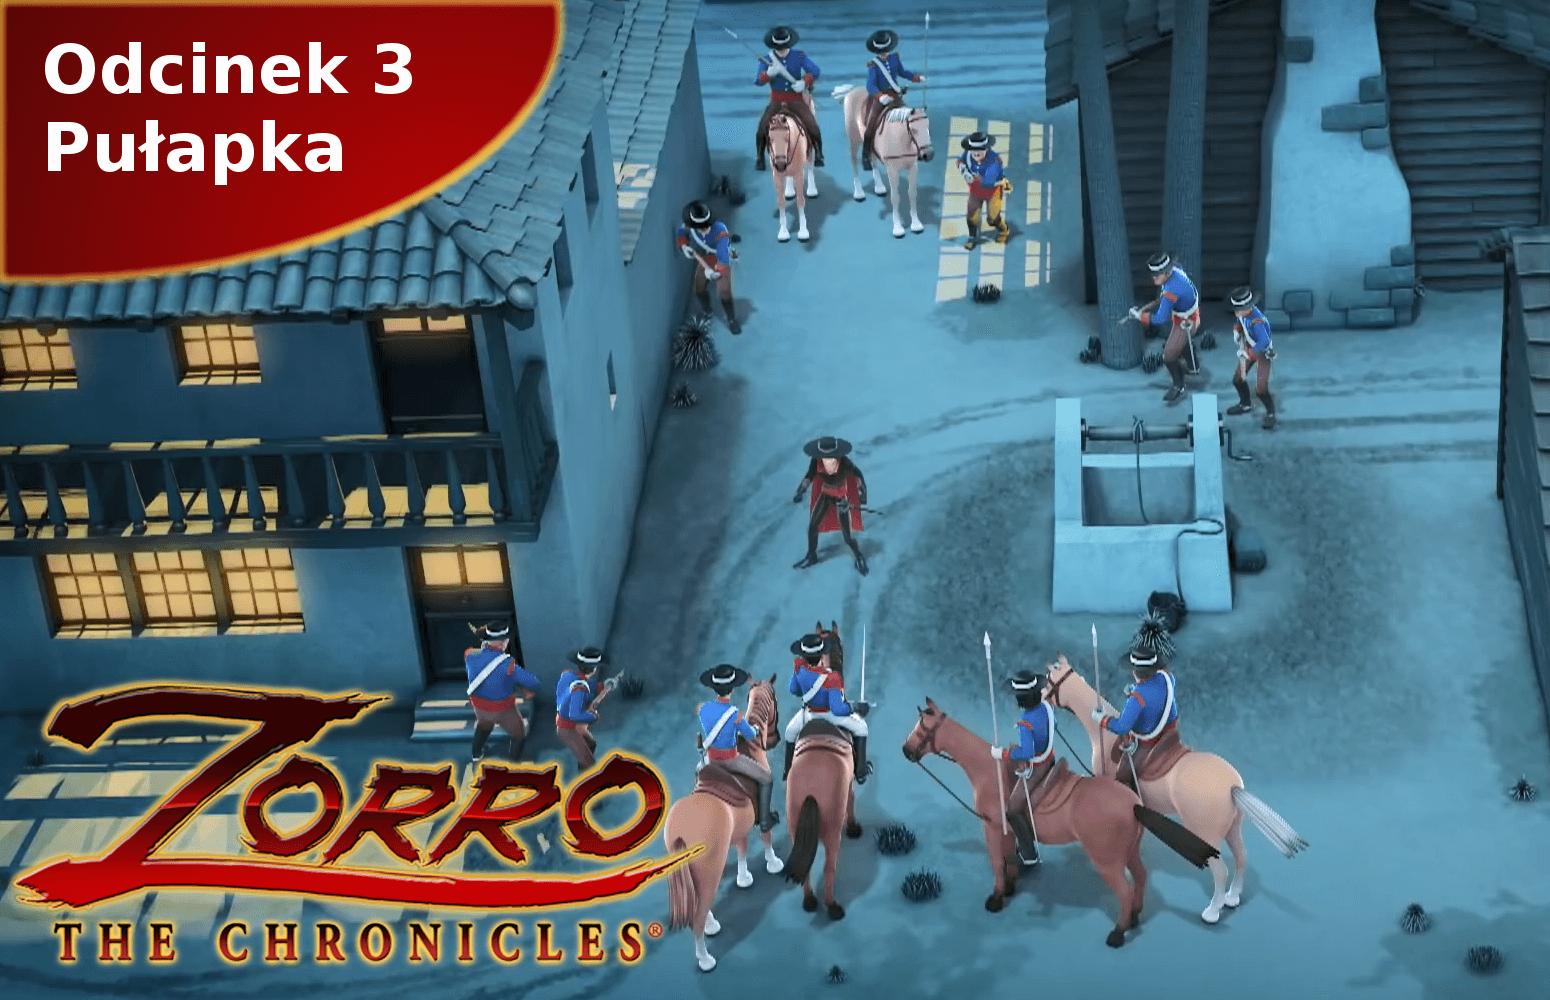 Kroniki Zorro wersja 3 Pułapka